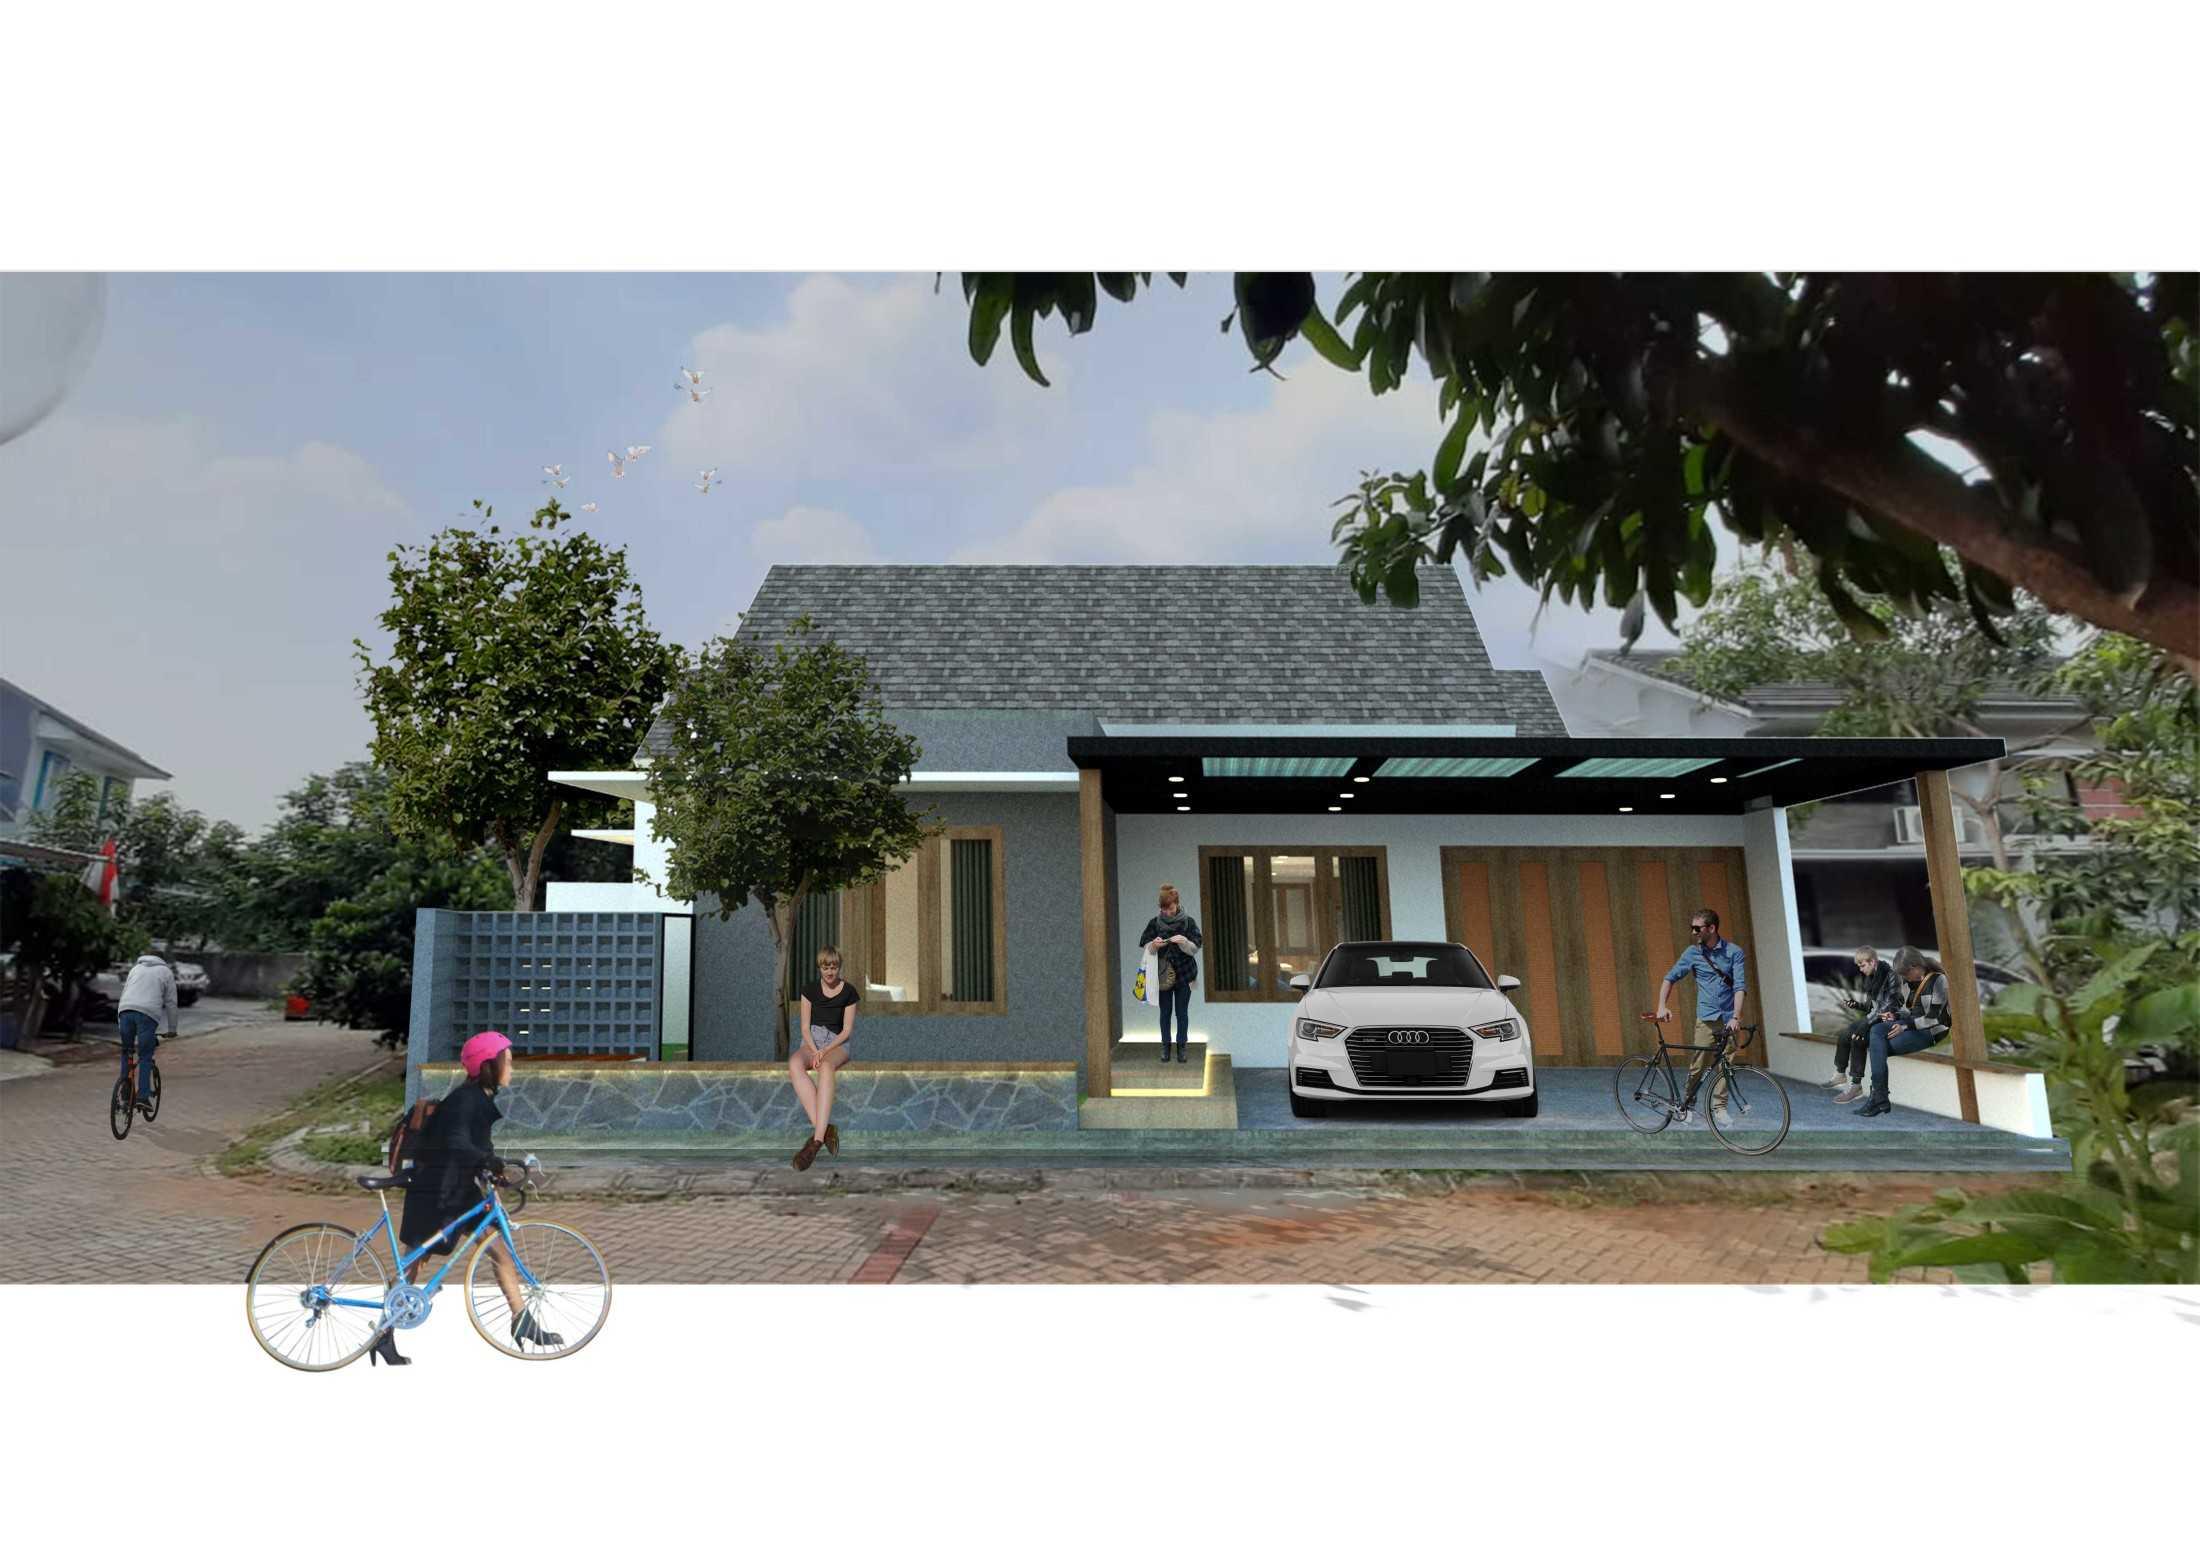 Dwi Dwara Citra Puri Bintaro Residence 2 Jalan Puri Bintaro Residence 2,, Serua Indah, Kec. Ciputat, Kota Tangerang Selatan, Banten 15414, Indonesia Jalan Puri Bintaro Residence 2,, Serua Indah, Kec. Ciputat, Kota Tangerang Selatan, Banten 15414, Indonesia Dwi-Dwara-Citra-Puri-Bintaro-Residence-2  119759